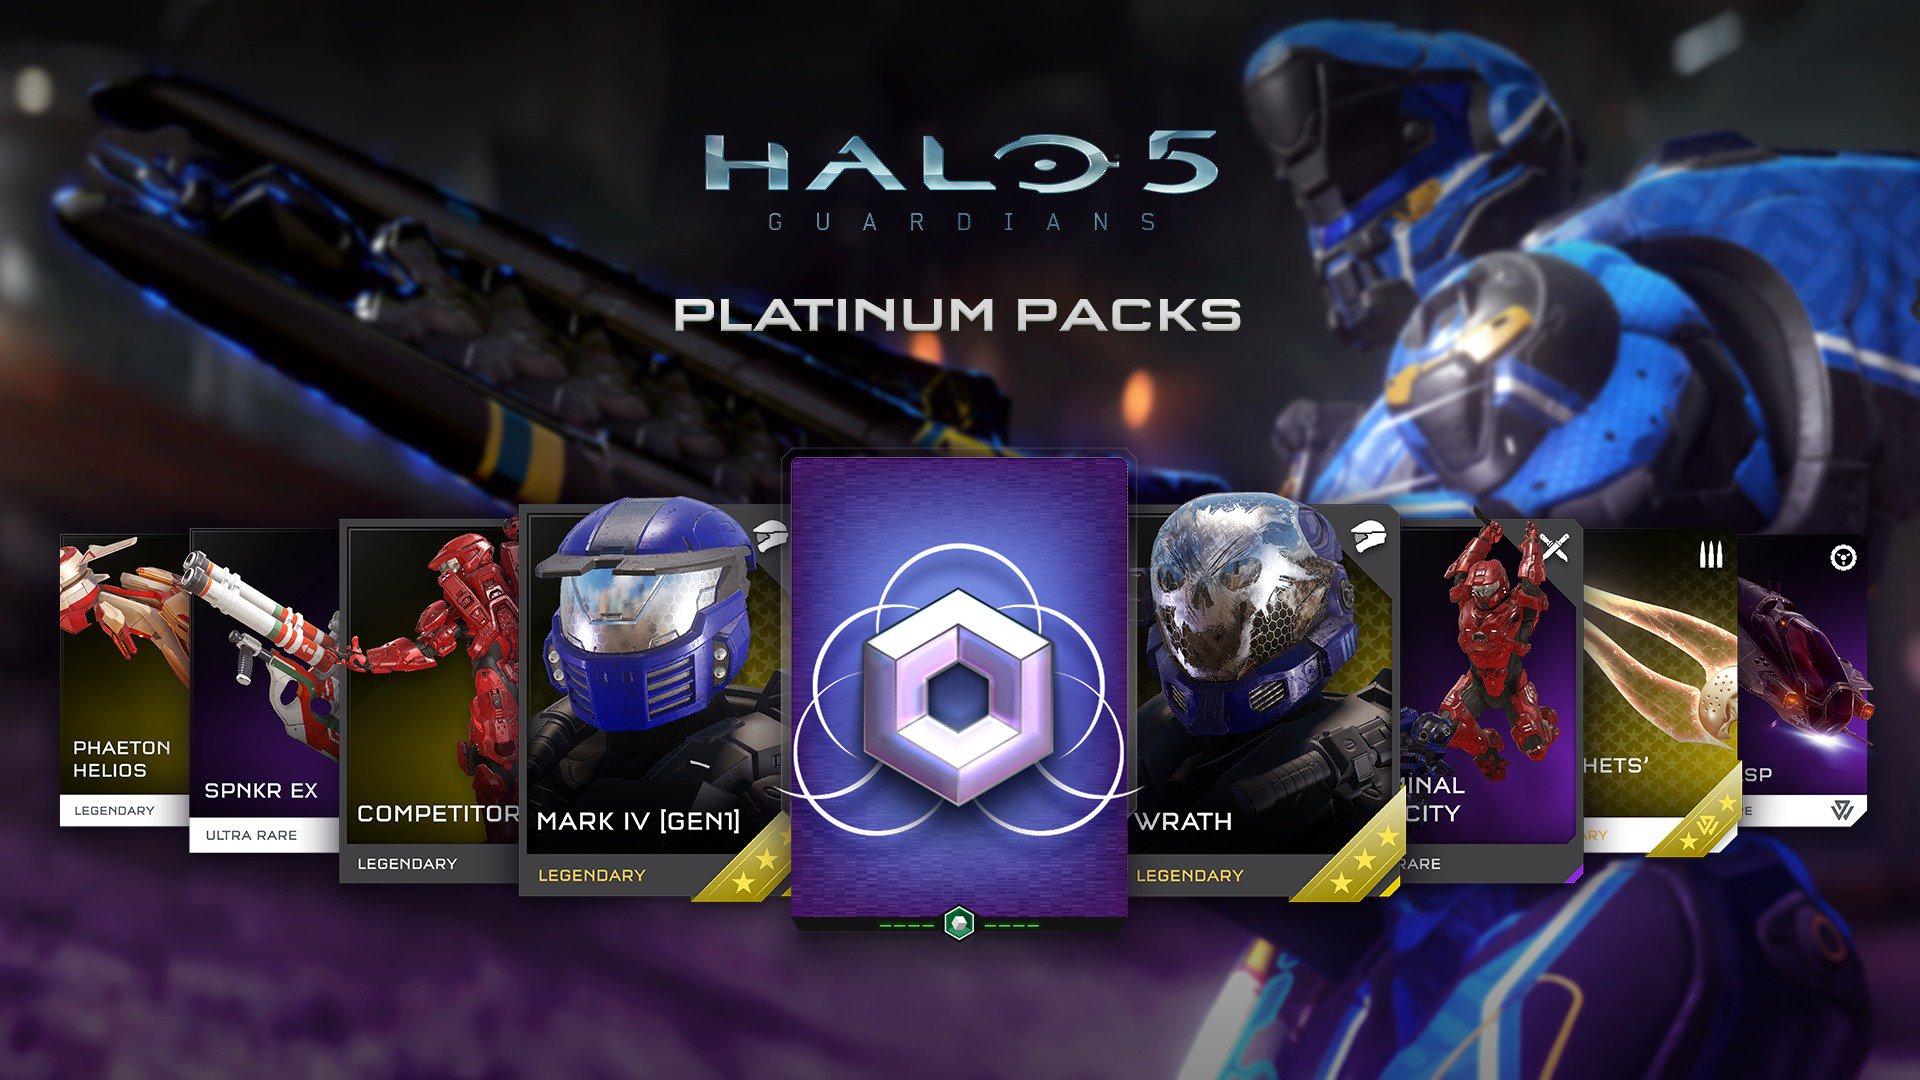 [Sous Conditions] Sélection de DLC pour Halo 5 et Halo Wars 2 offerts sur Xbox One - Ex : Pack Platinum REQ pour Halo 5